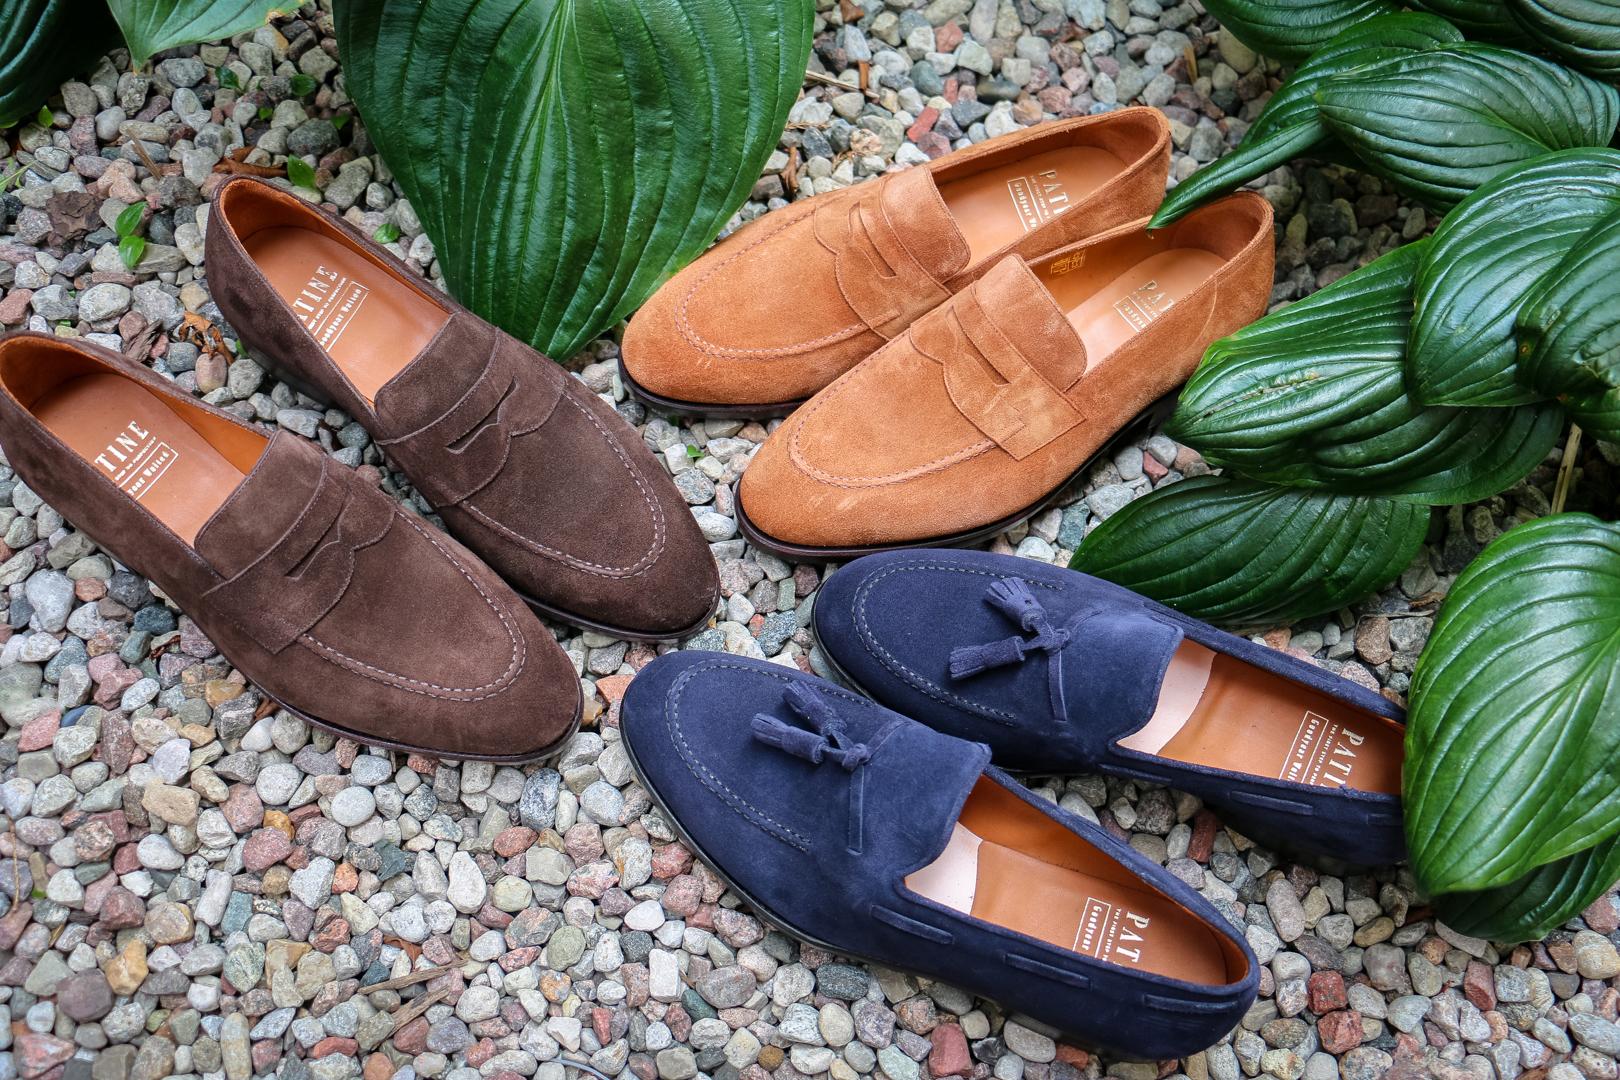 Loafers buty dla gentlemana na lato, zamszowe mokasyny